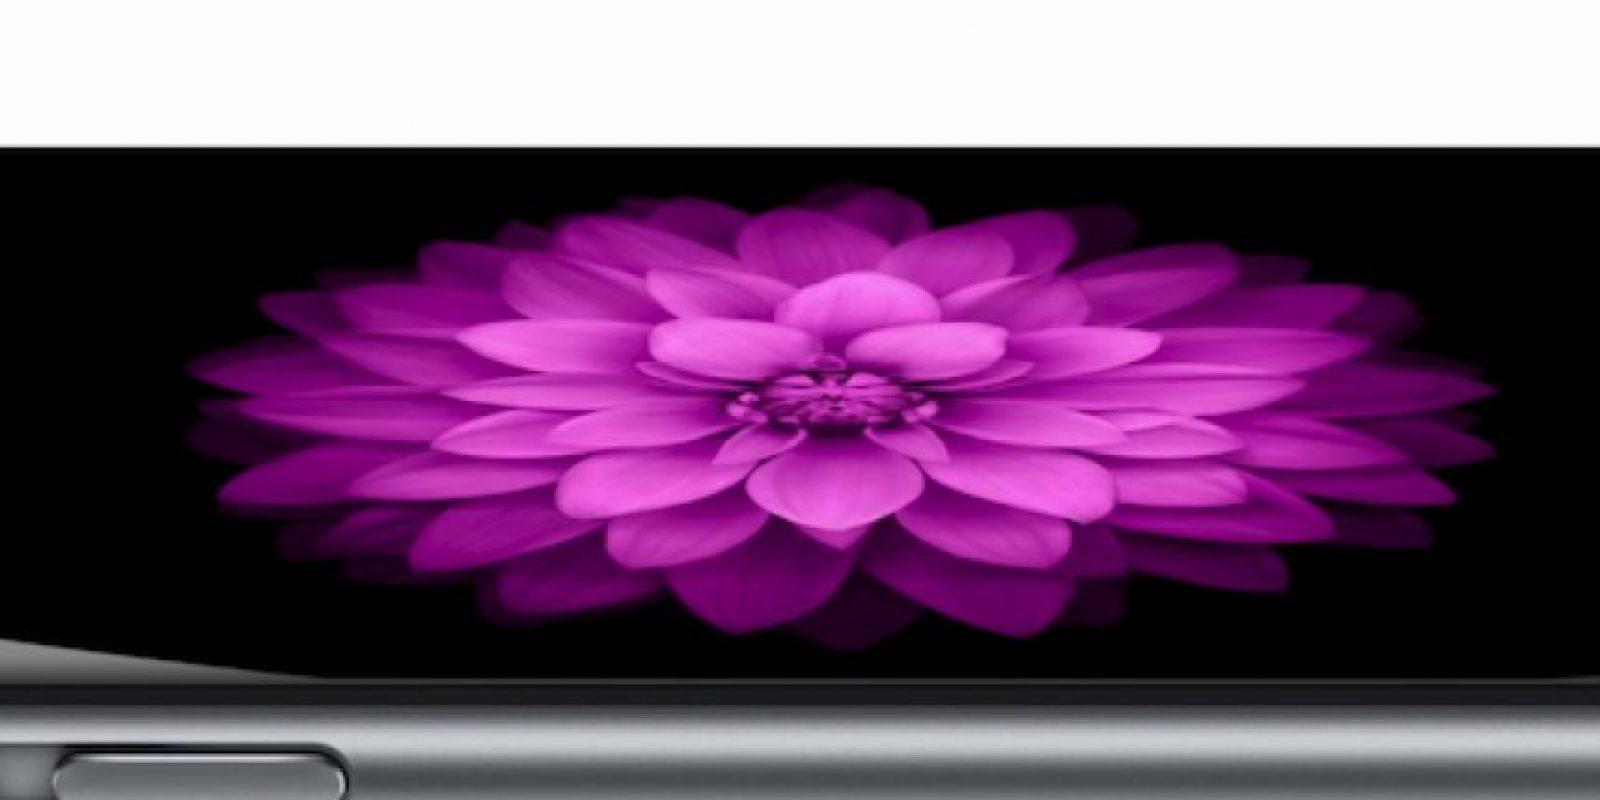 Mientras se confirma, acá les dejamos los diseños que los usuarios imaginan para un posible iPhone 7 Foto:Apple